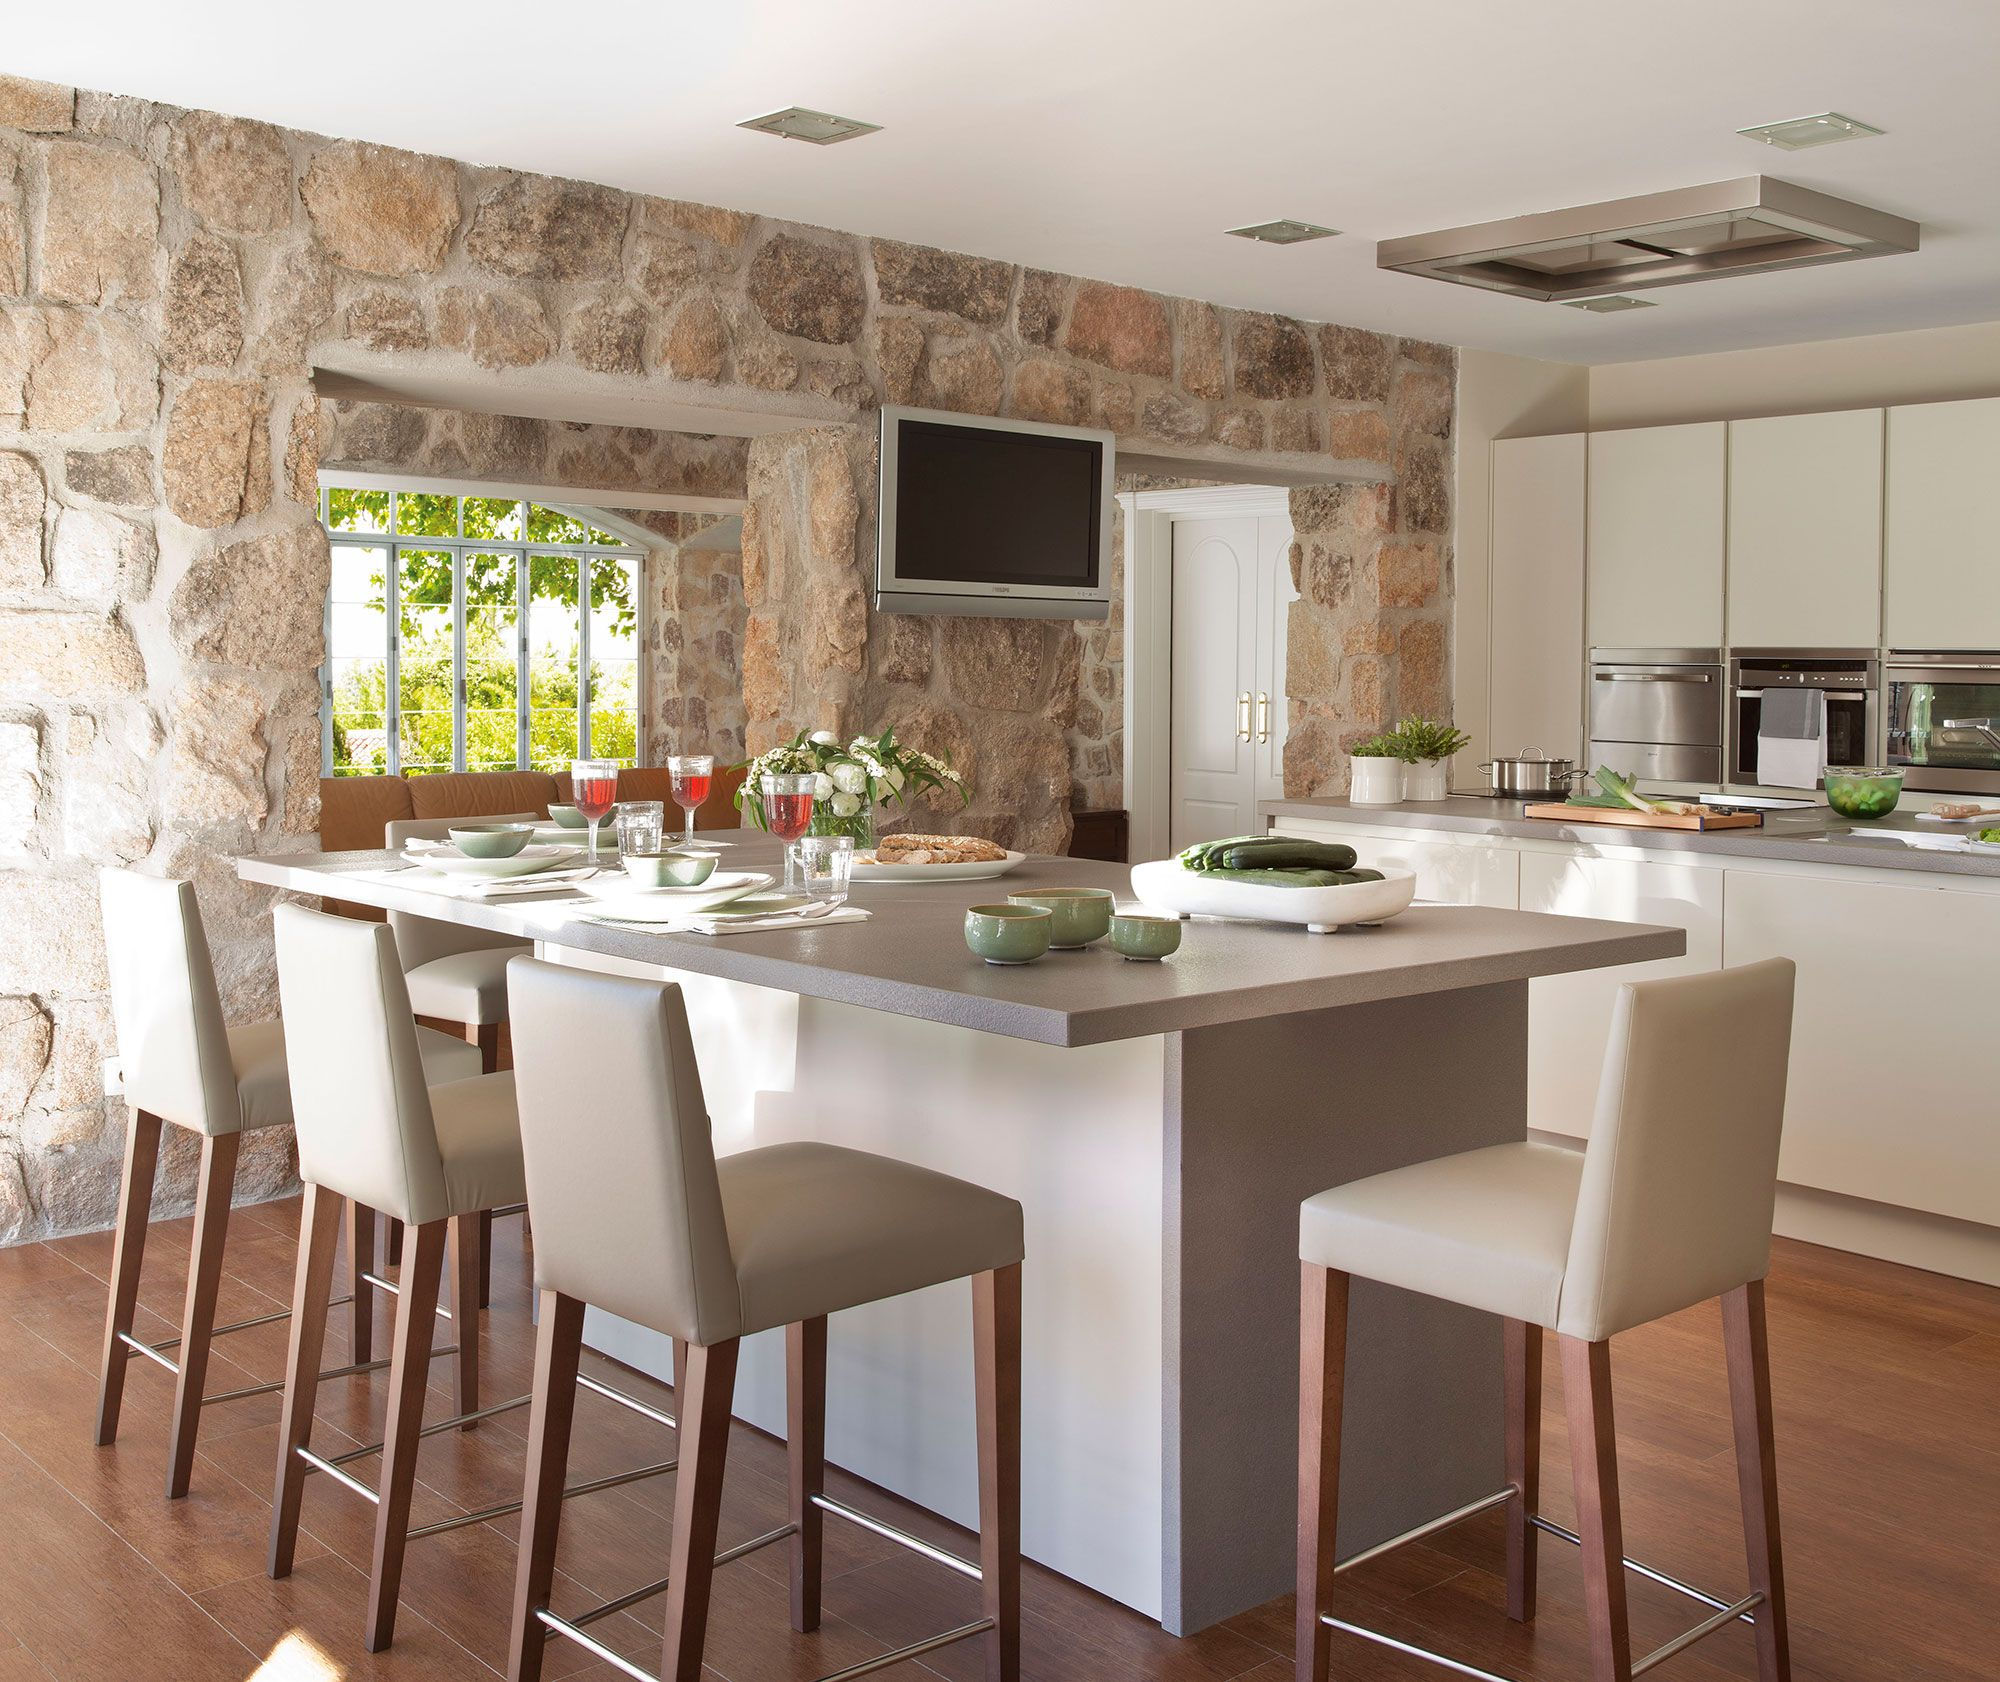 Connie Achurra Clase De Cocina: Cocina Con Office Y Barra De Desayunos